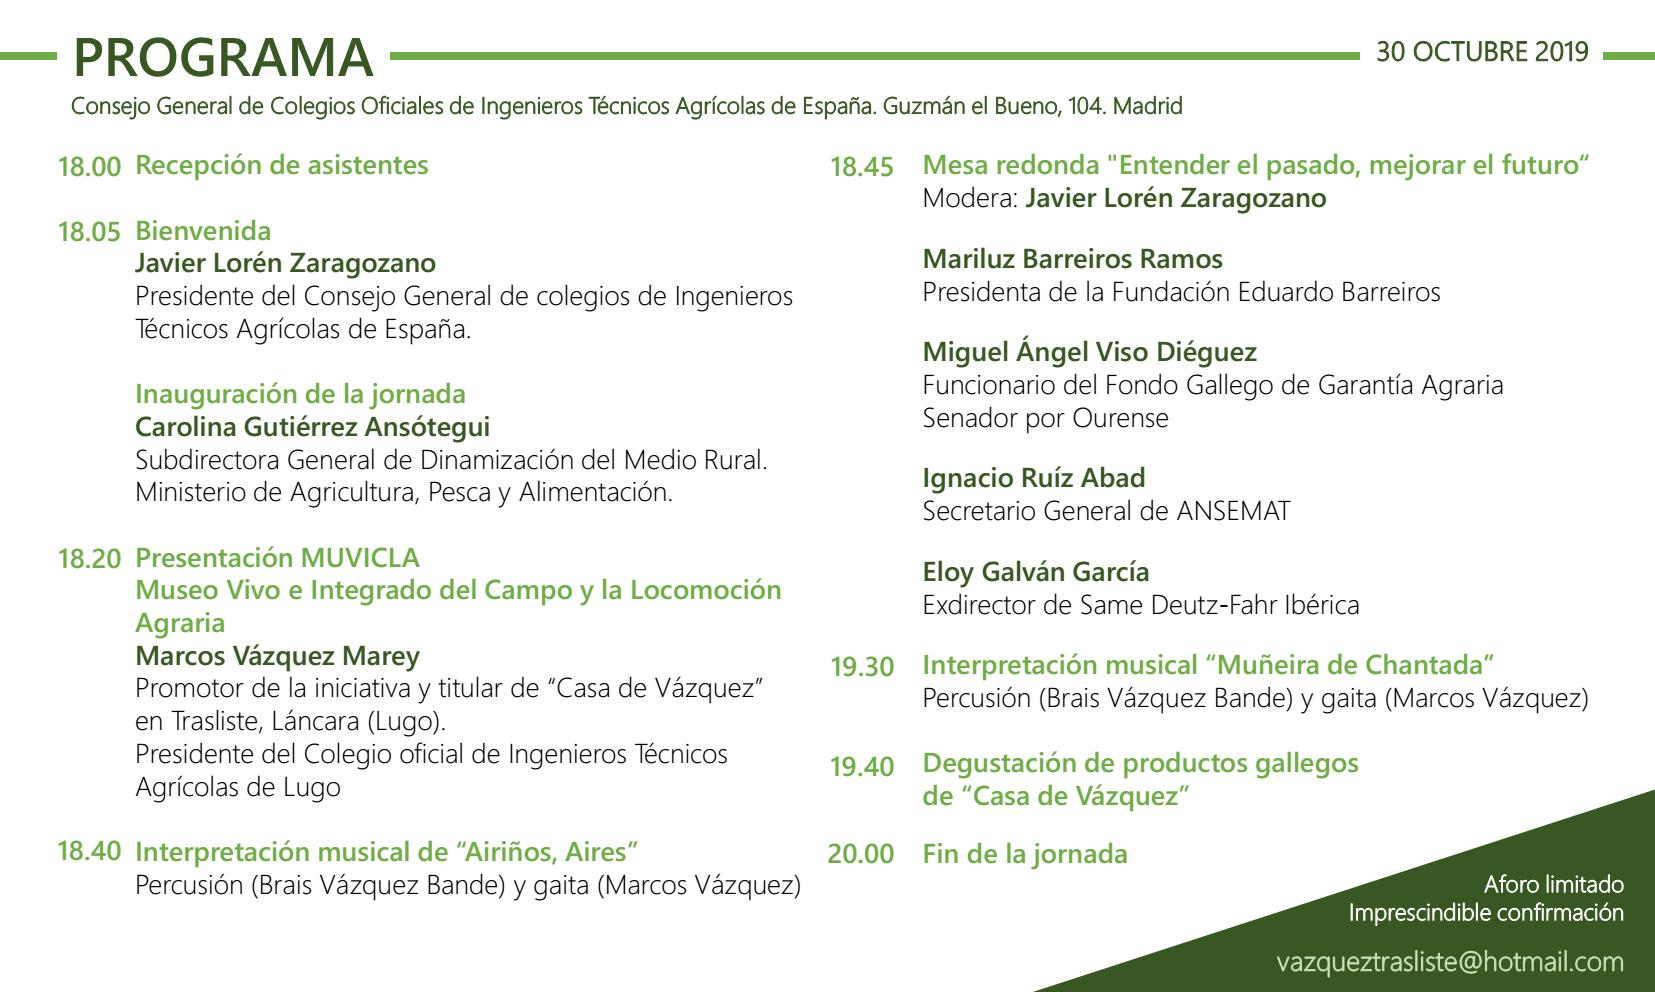 programa muvicla museo madrid